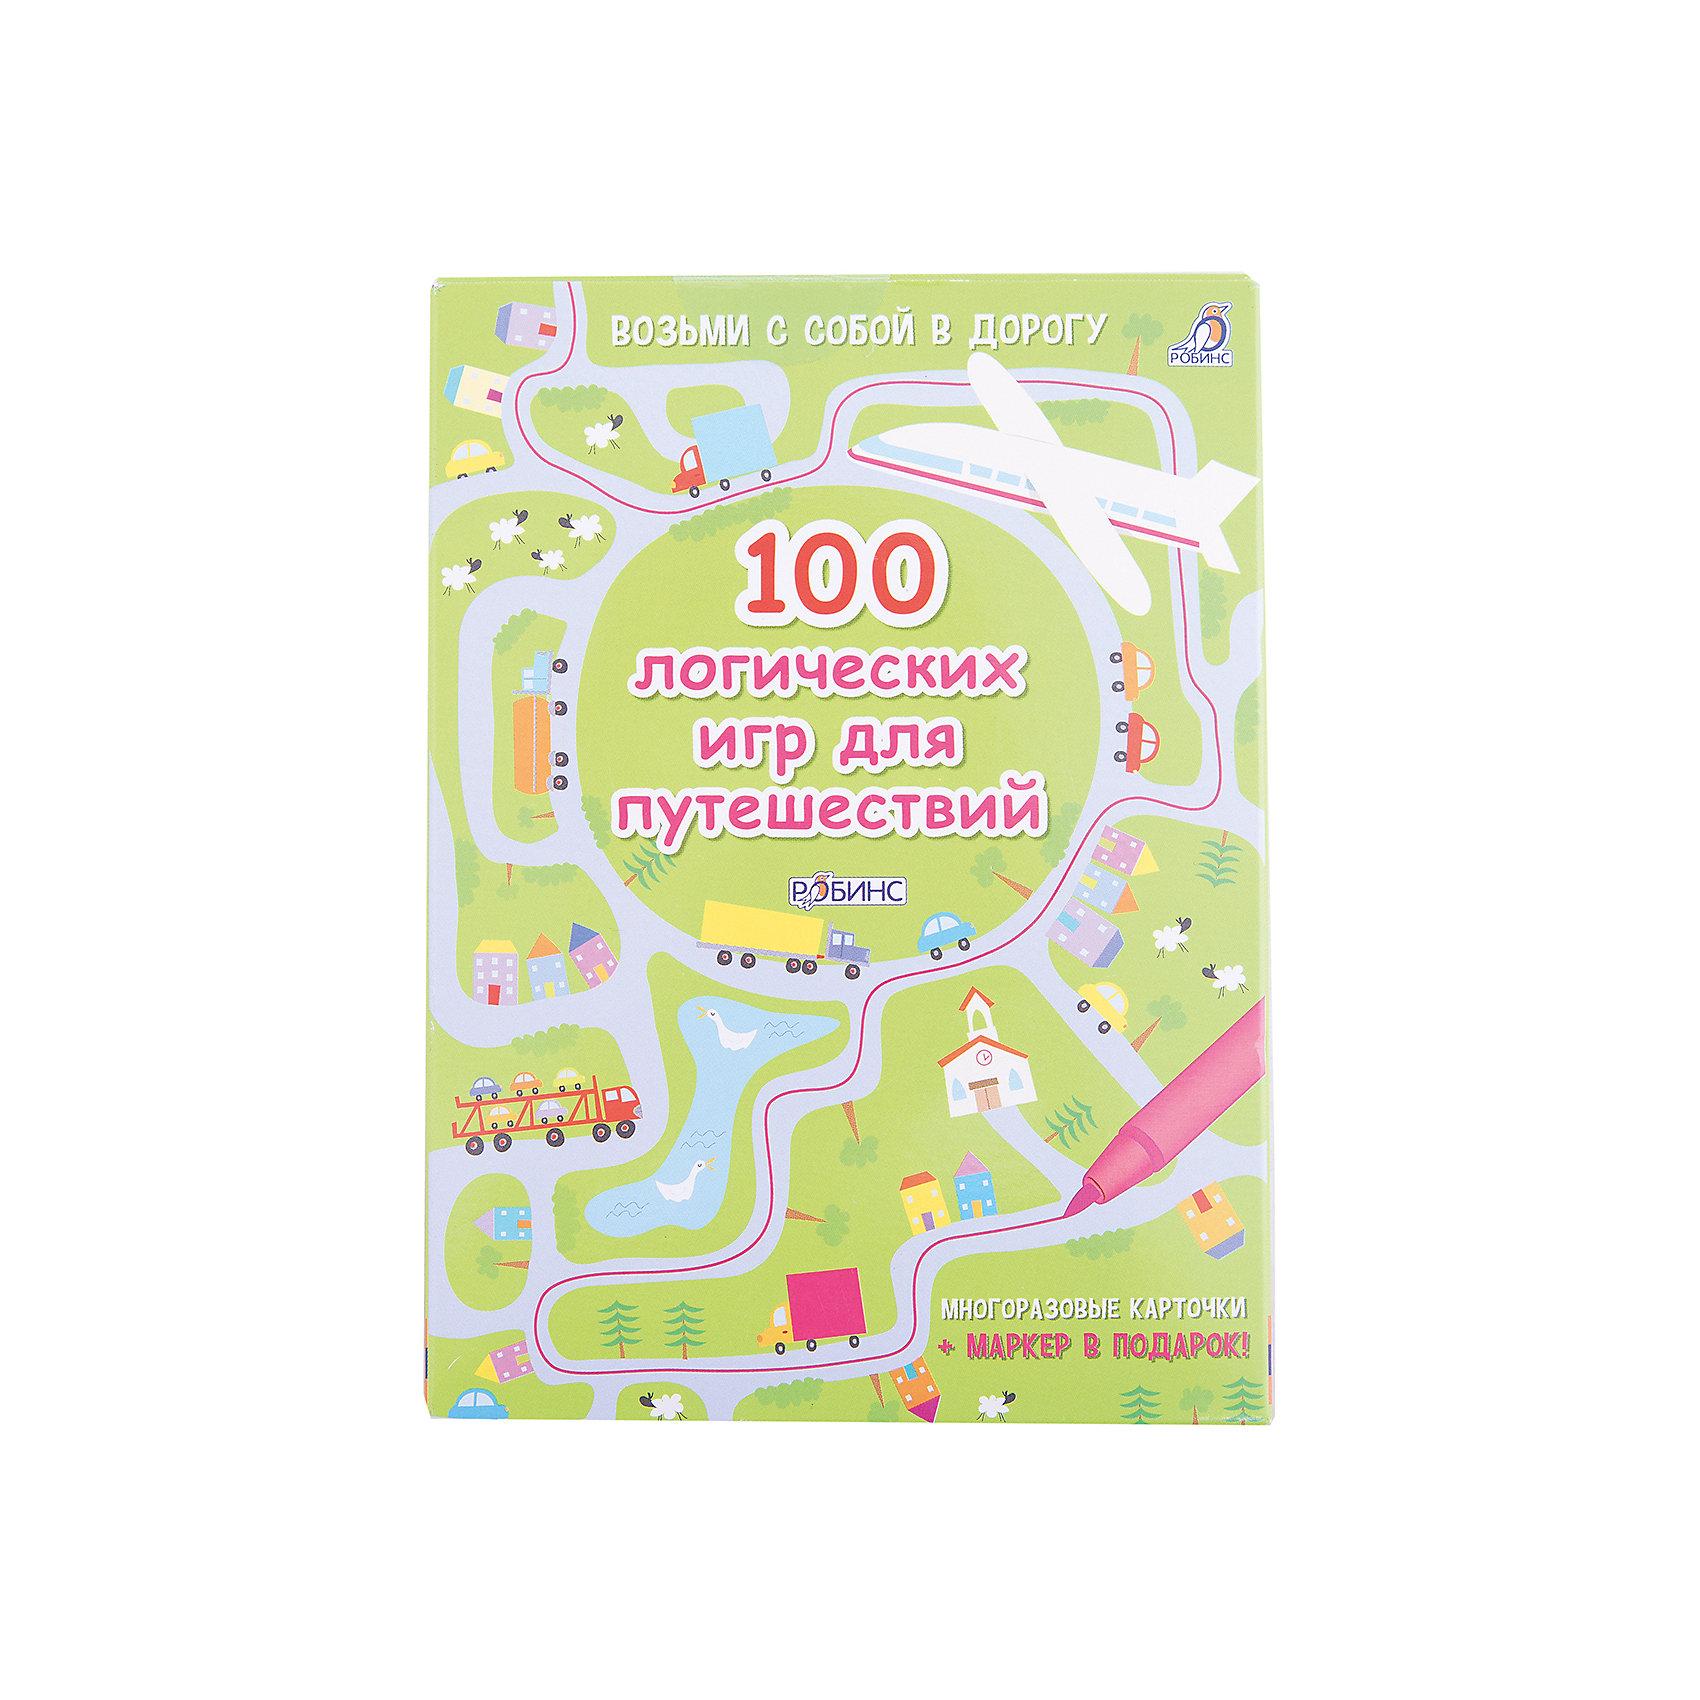 Карточки 100 логических игр для путешествийУвлекательный набор «100 логических игр для путешествий» поможет маленькому путешественнику интересно и весело провести время во время длительных поездок. В наборе представлены специальные карточки с разнообразными играми, головоломками, заданиями для развития логики, смекалки и творческого мышления, а также маркер, которым можно рисовать и писать. Поверхность карточек обладает стирающимися свойствами: пометки и рисунки сделанные на них легко стираются.<br><br>Дополнительная информация:<br><br>- Художник: Н. Фигг.<br>- Иллюстрации: цветные.<br>- Объем: 50 карточек в картонной коробке. <br>- Размер упаковки: 15,5 х 11,5 х 2,5 см.<br>- Вес: 0,295 кг. <br><br>Набор Асборн - карточек 100 логических игр для путешествий, Робинс можно купить в нашем интернет-магазине.<br><br>Ширина мм: 155<br>Глубина мм: 25<br>Высота мм: 115<br>Вес г: 295<br>Возраст от месяцев: 36<br>Возраст до месяцев: 60<br>Пол: Унисекс<br>Возраст: Детский<br>SKU: 3733252